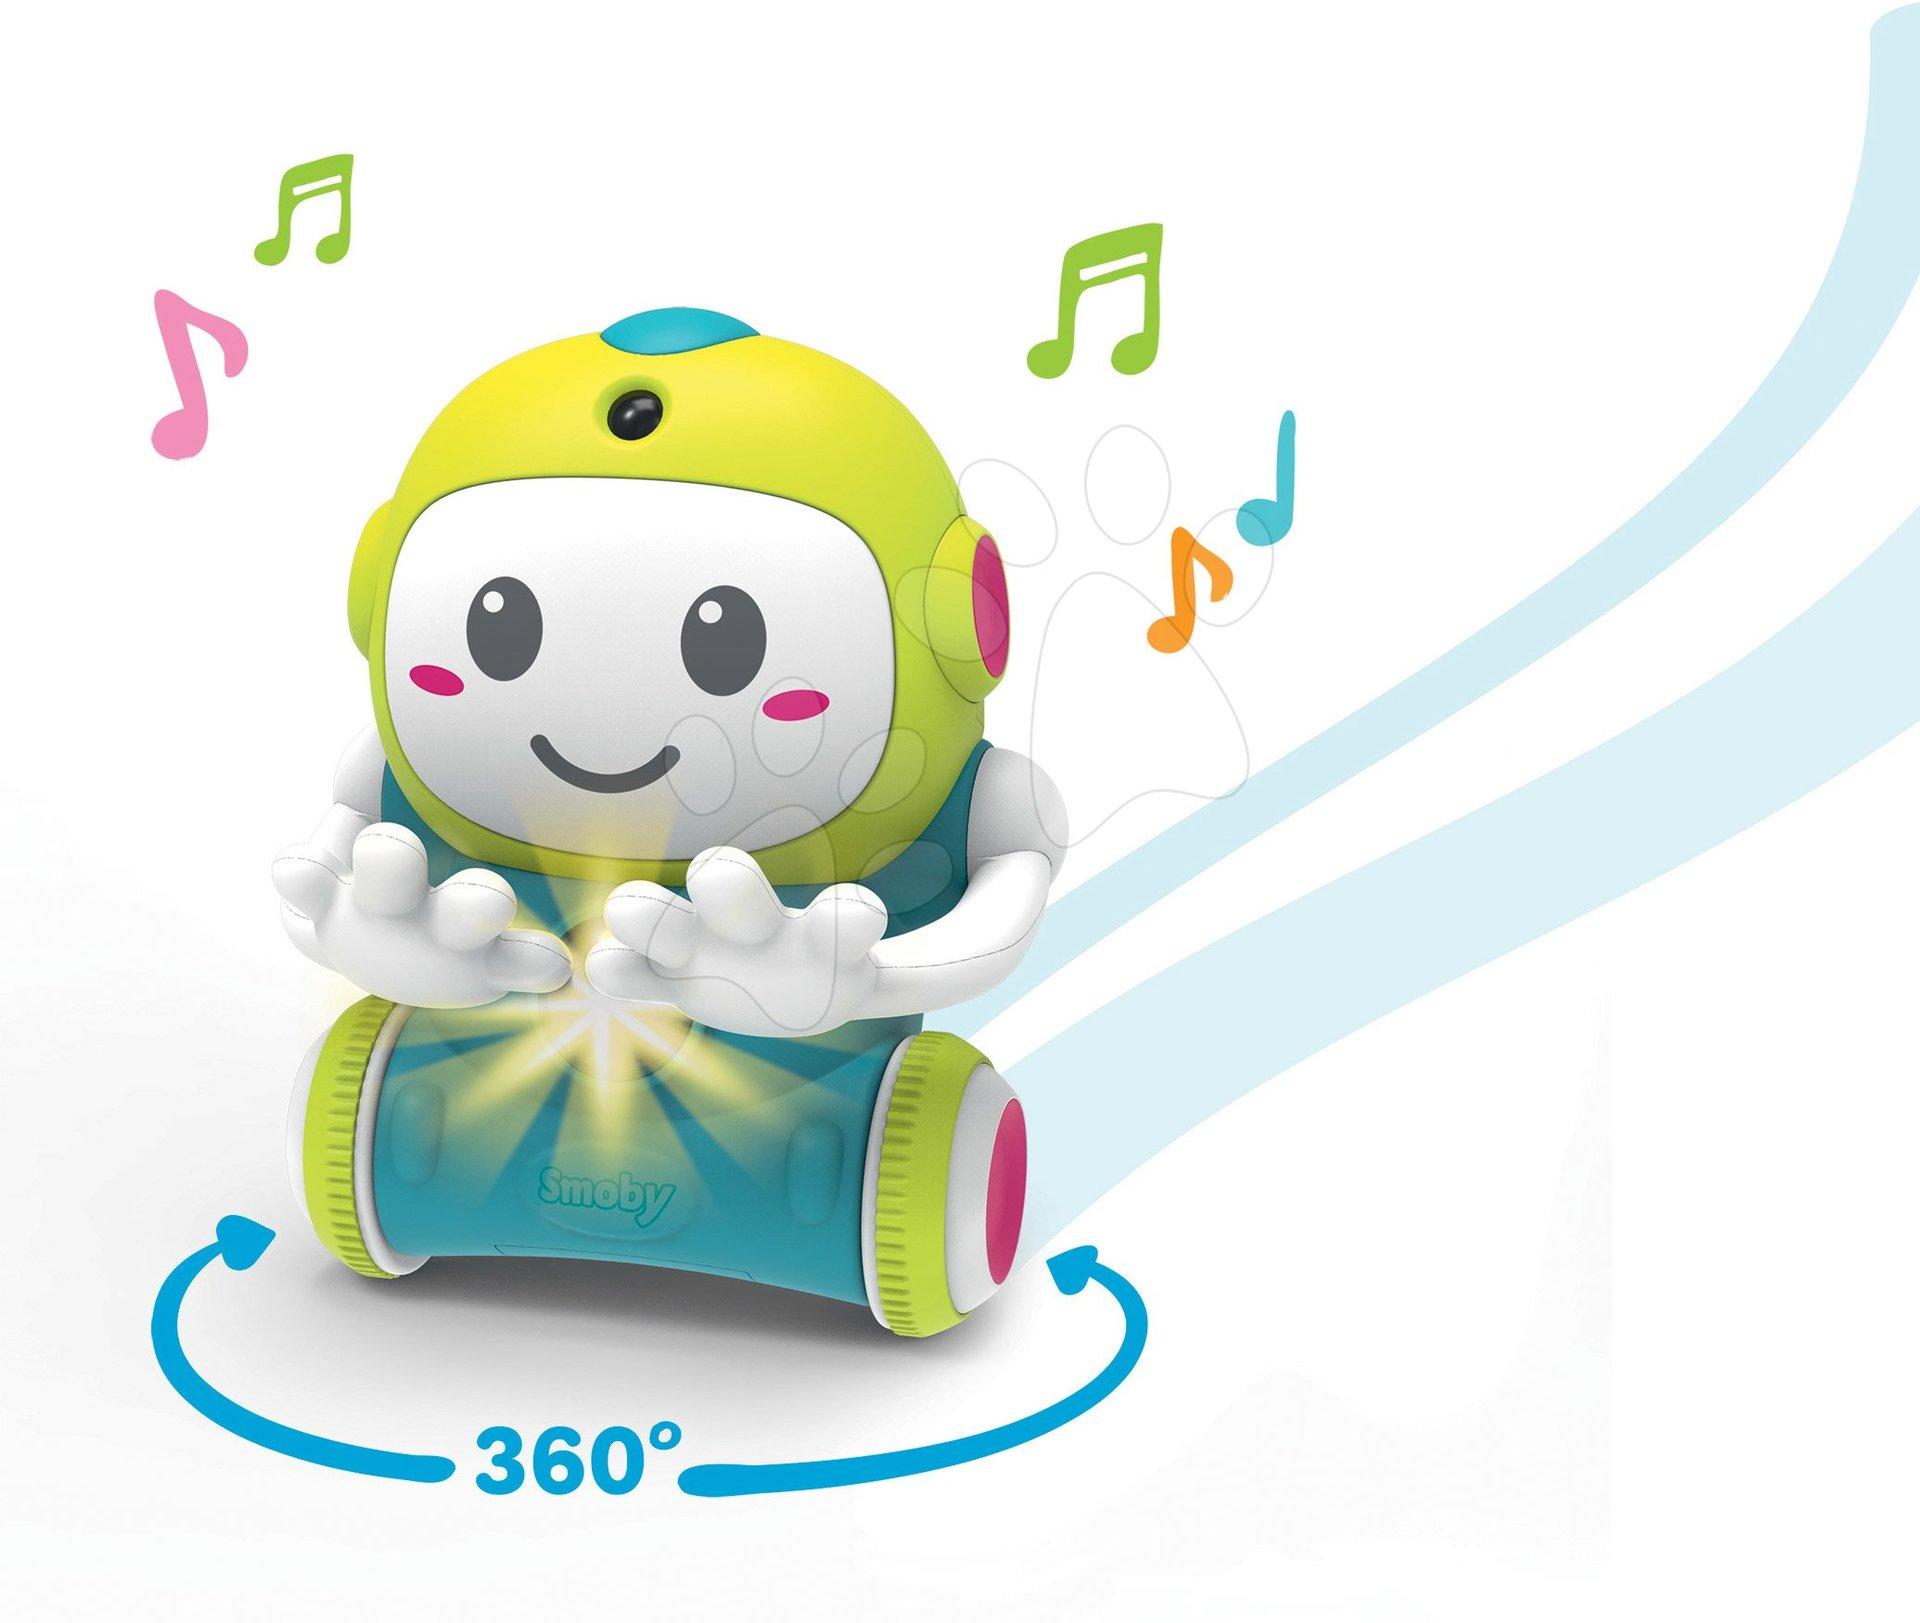 Interaktivní Robot 1,2,3 Smart Smoby s pohyblivým senzorem a 2 hrami od 18 měsíců (anglicky, francouzsky a německy)